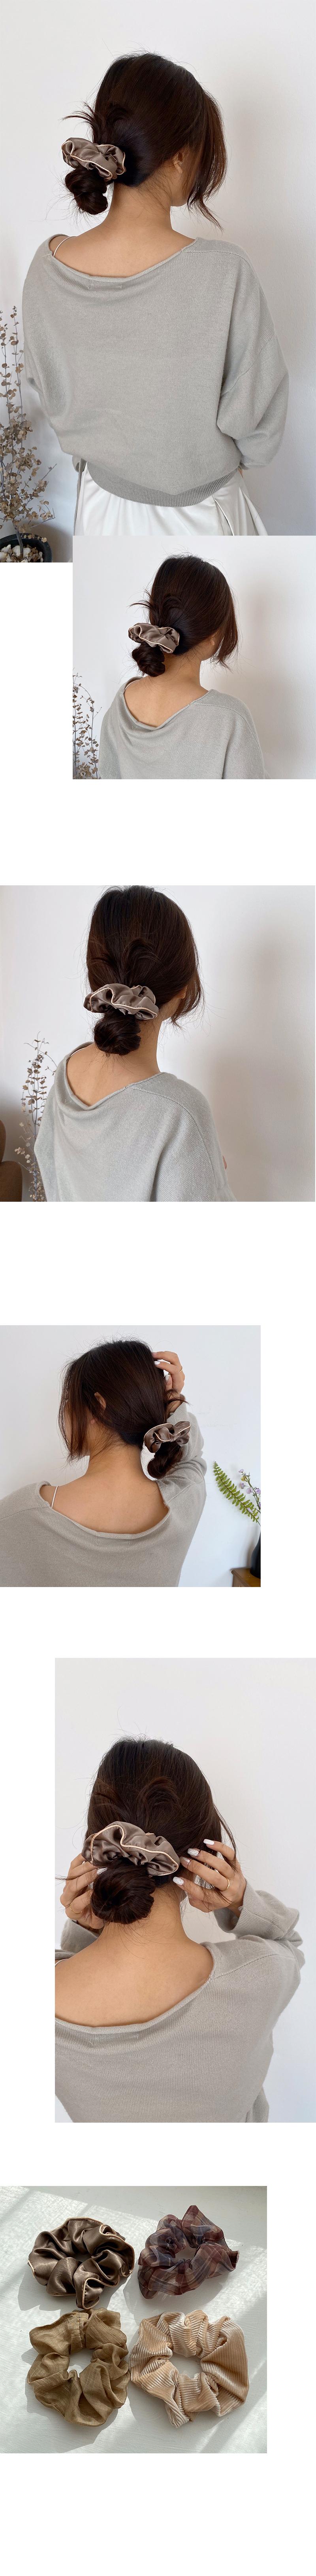 line scrunchie